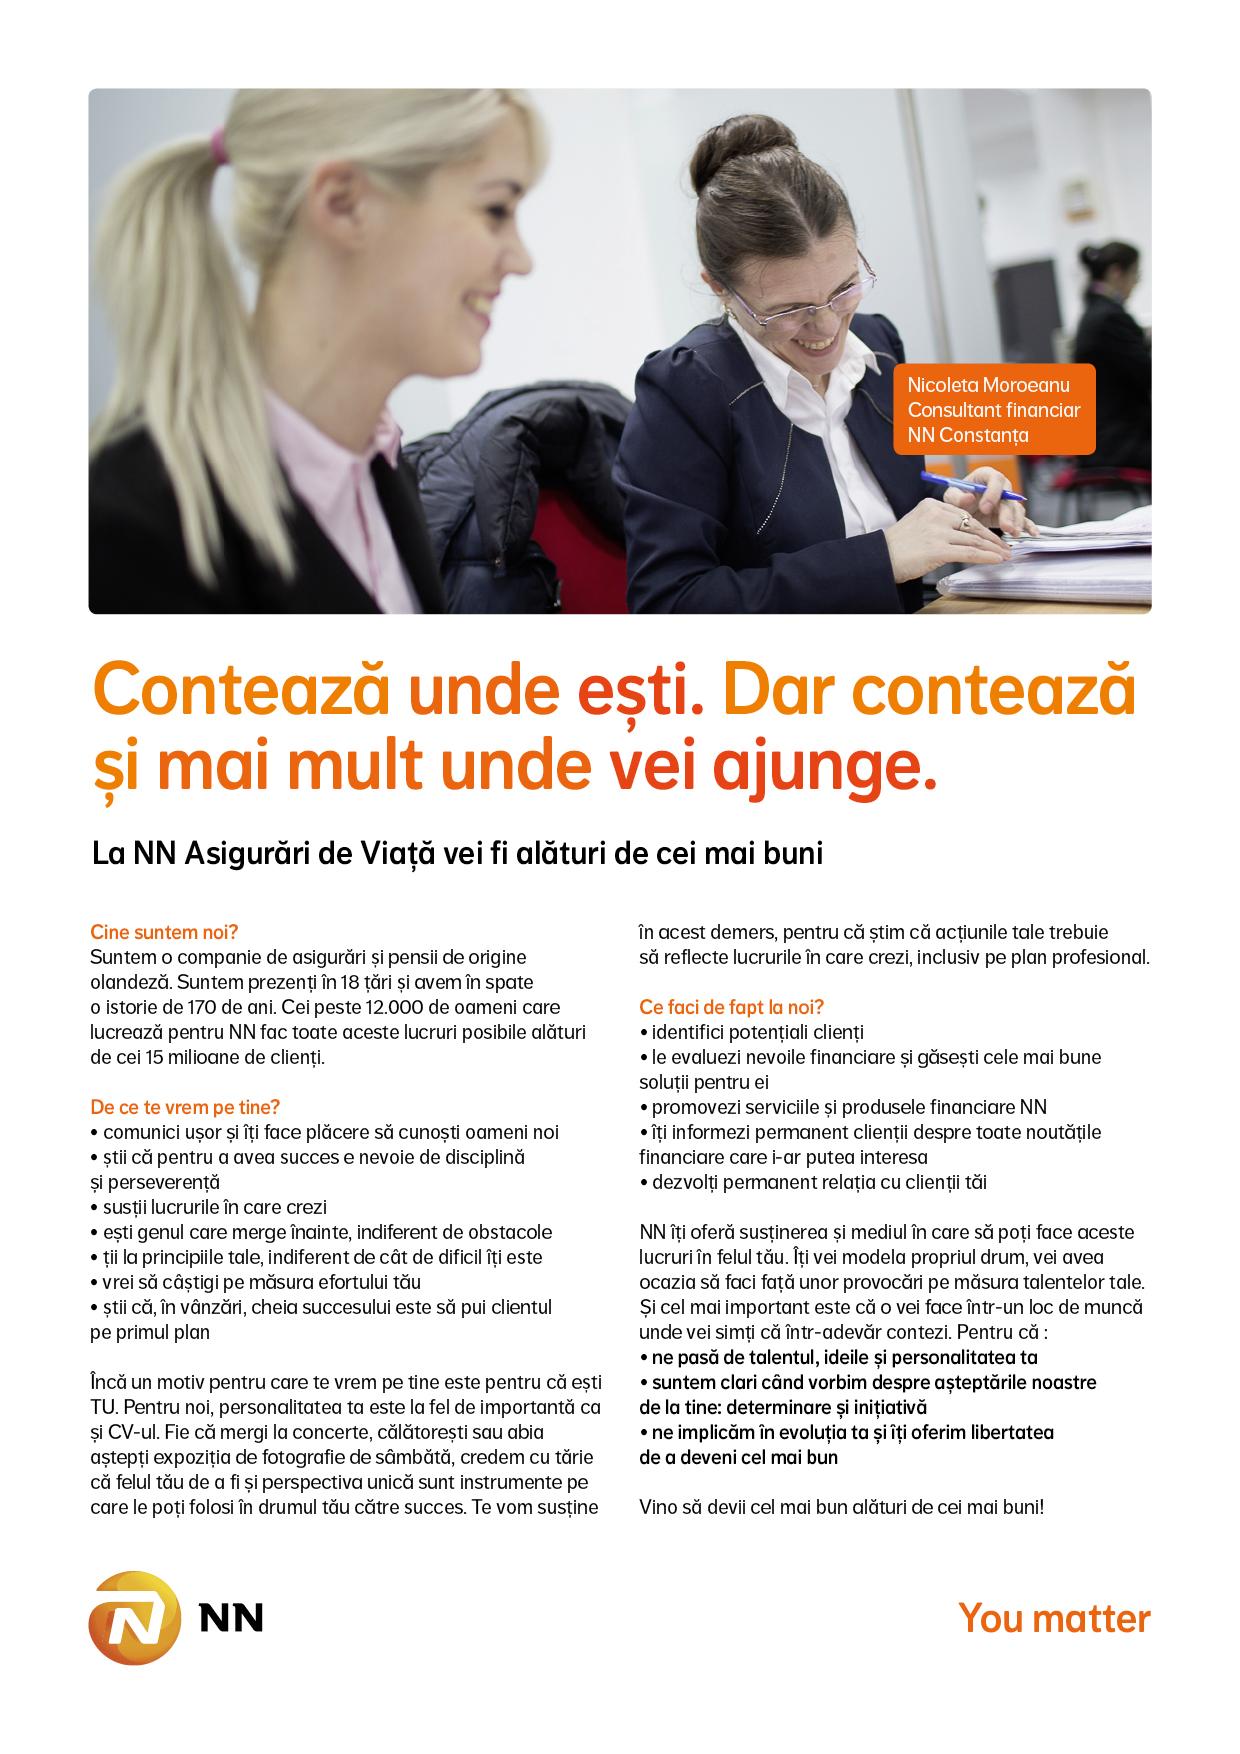 NN este o companie de asigurări și managementul investițiilor, activă în peste 18 țări, cu o puternică prezență în Europa și în Japonia.   Grupul NN, din România, include activitățile ING Asigurări de Viață și ING Pensii, companii lider pe piețele de profil, și ING Investment Management, numărul patru în topul companiilor de administrare a fondurilor mutuale din România.   Pentru noi, NN reprezintă un capitol nou și interesant în viața companiei, cu noi oportunități de dezvoltare. Promisiunea noastră este că vom continua să fim alături de clienții, angajatii si colaboratorii noștri, un partener apropiat și de încredere. Valorile noastre de bază sunt: ne pasă, suntem transparenți, ne dedicăm.  Valorile noastre sunt expresia lucrurilor noastre dragi, a ceea ce credem și a obiectivelor noastre. Ne unesc și ne inspiră. Și ne determină comportamentul zi de zi.   NN Romania in cifre:  2,2 milioane clienți unici de asigurări de viață, pensii obligatorii și pensii facultative Cote de piață septembrie 2014:  • Asigurări de Viață - 38%  • Pensii obligatorii (Pilonul 2) - 38% în funcție de active  • Pensii facultative (Pilonul 3) - 48,5 în funcție de active Consultant Asigurari de Viata  - identifica clienti - evalueaza nevoile financiare - promoveaza serviciile si serviciile NN NN Asigurari de Viata